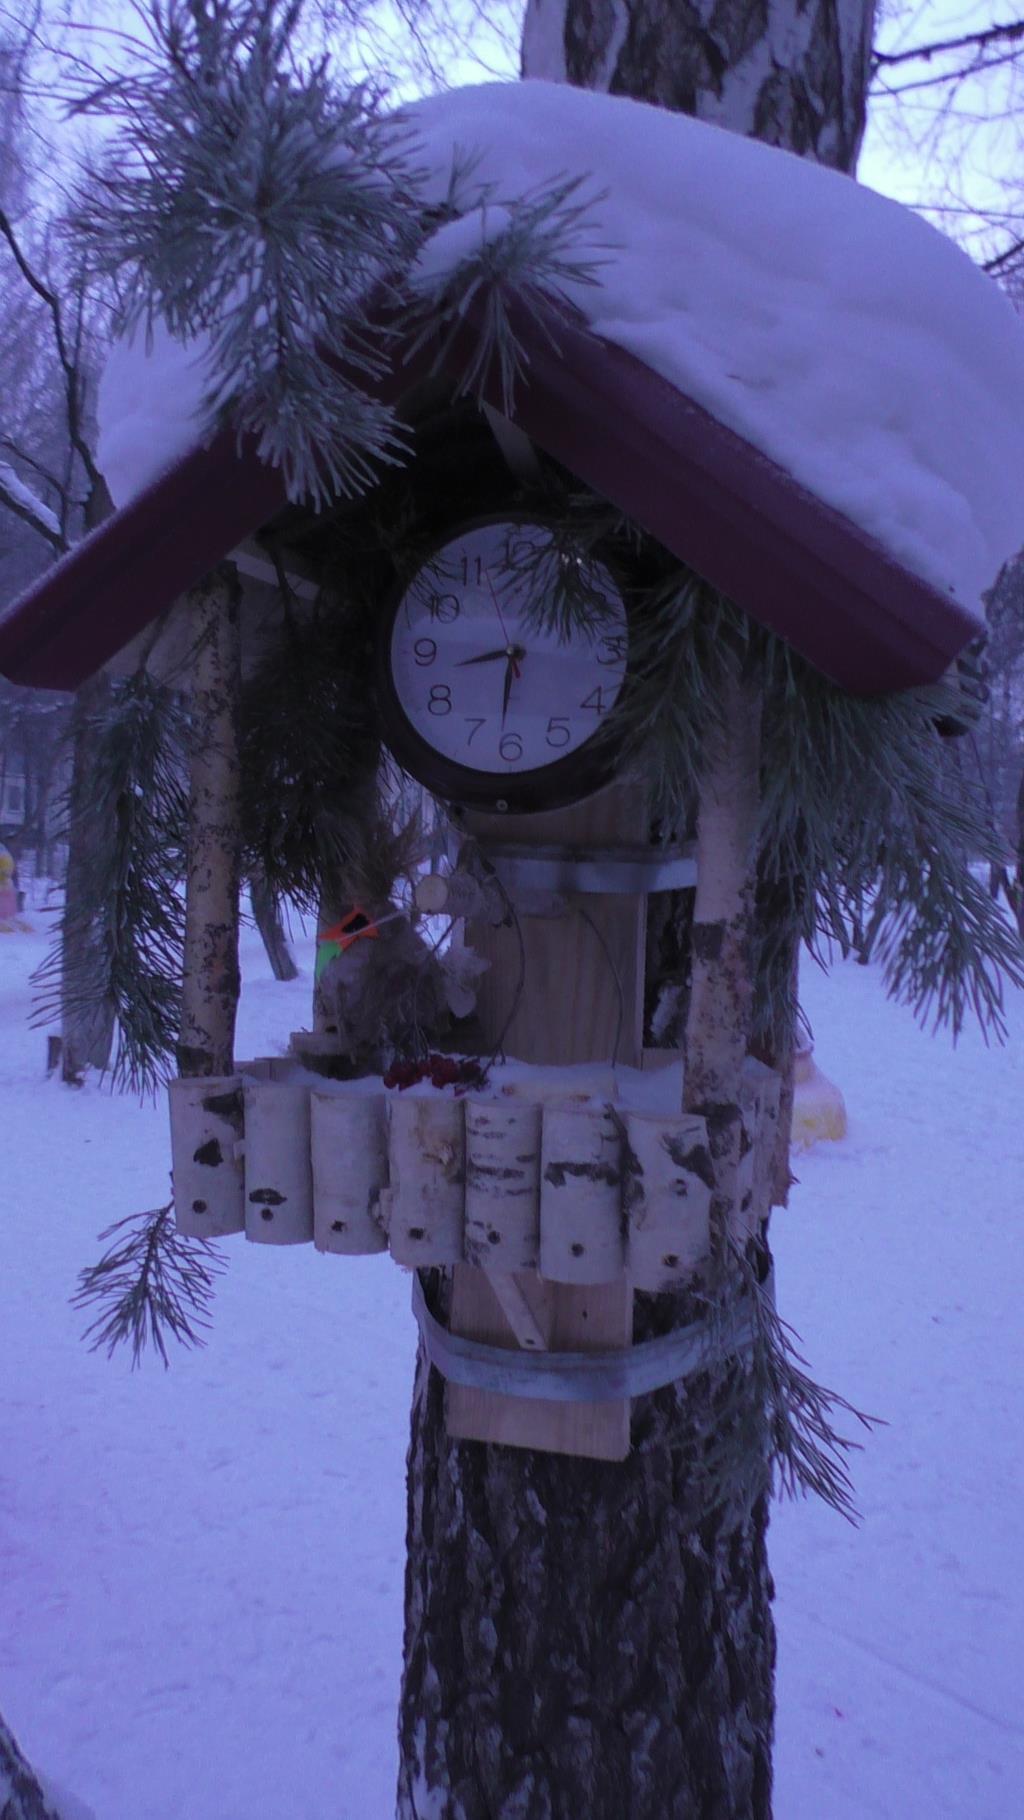 зимняя столовая для птиц готова к открытию. Блиц: из дерева